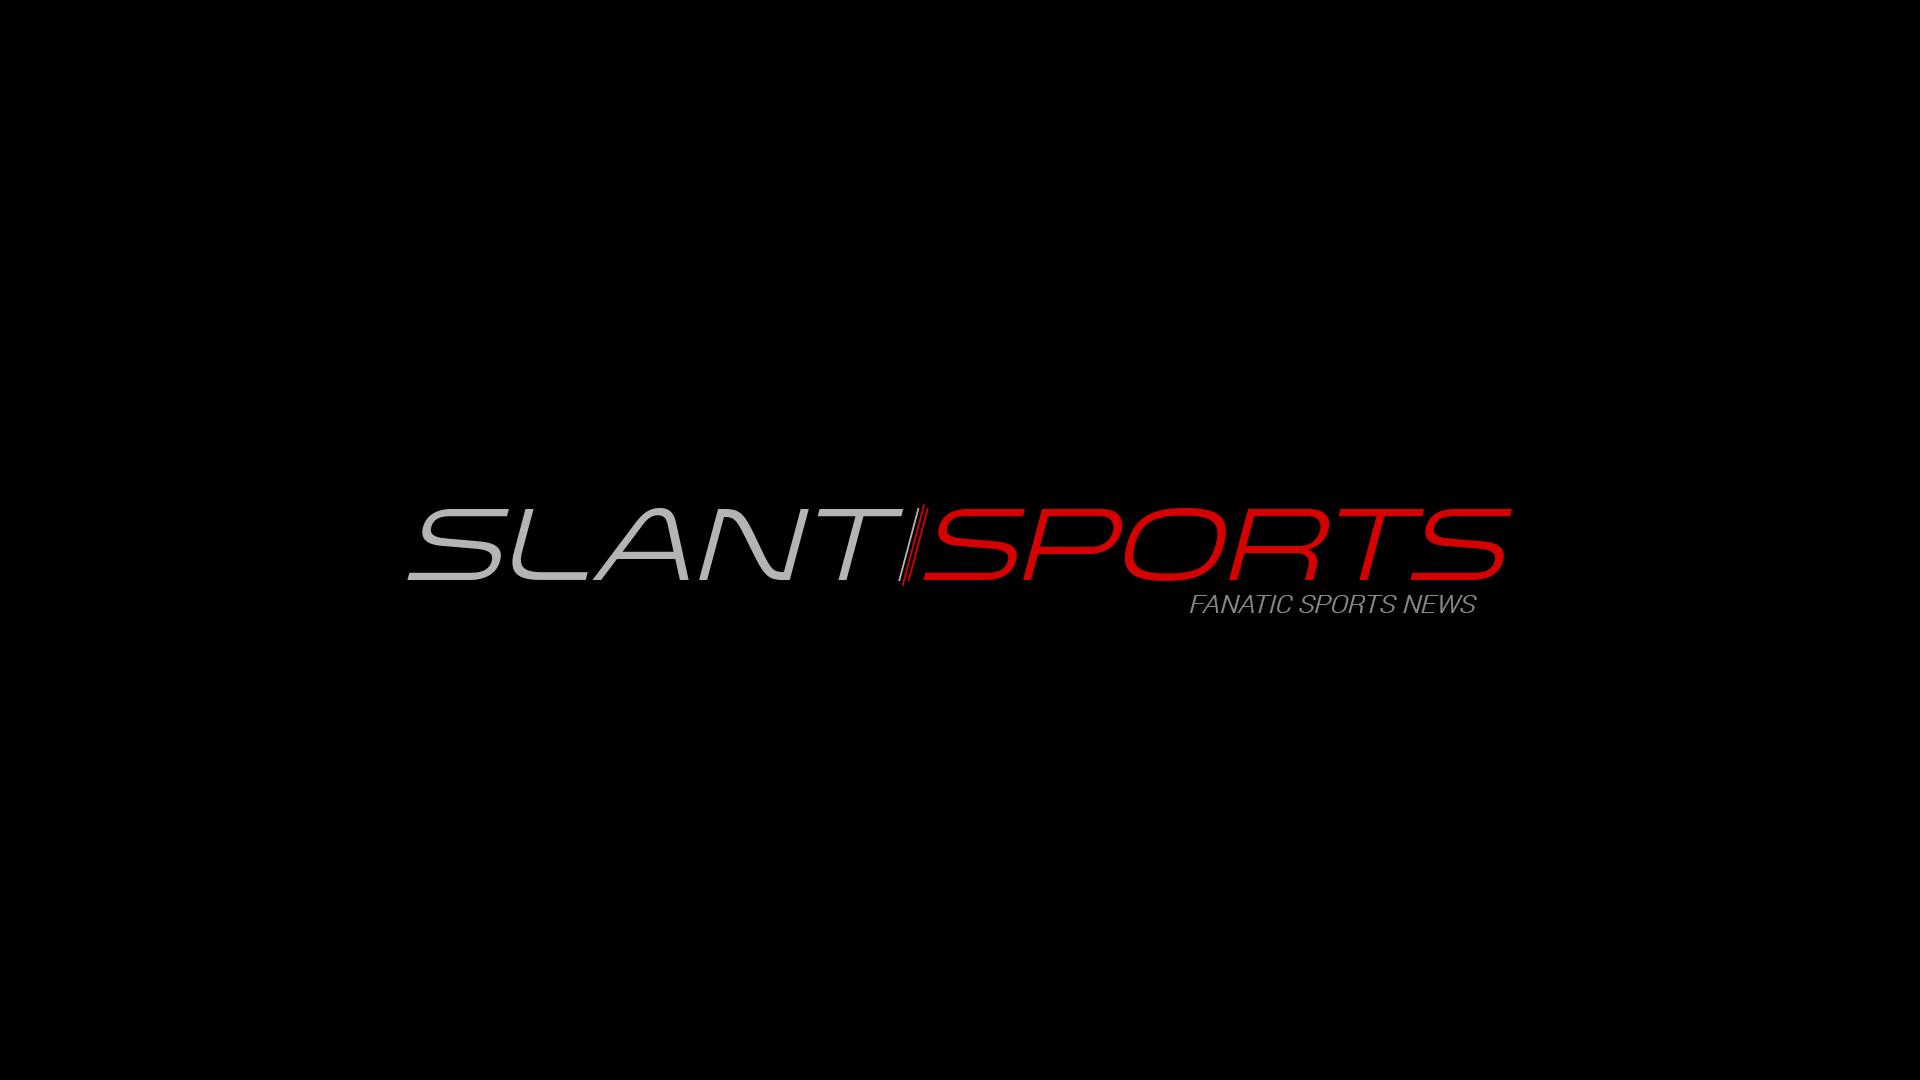 ss-logo-bg_001_a-full-sd